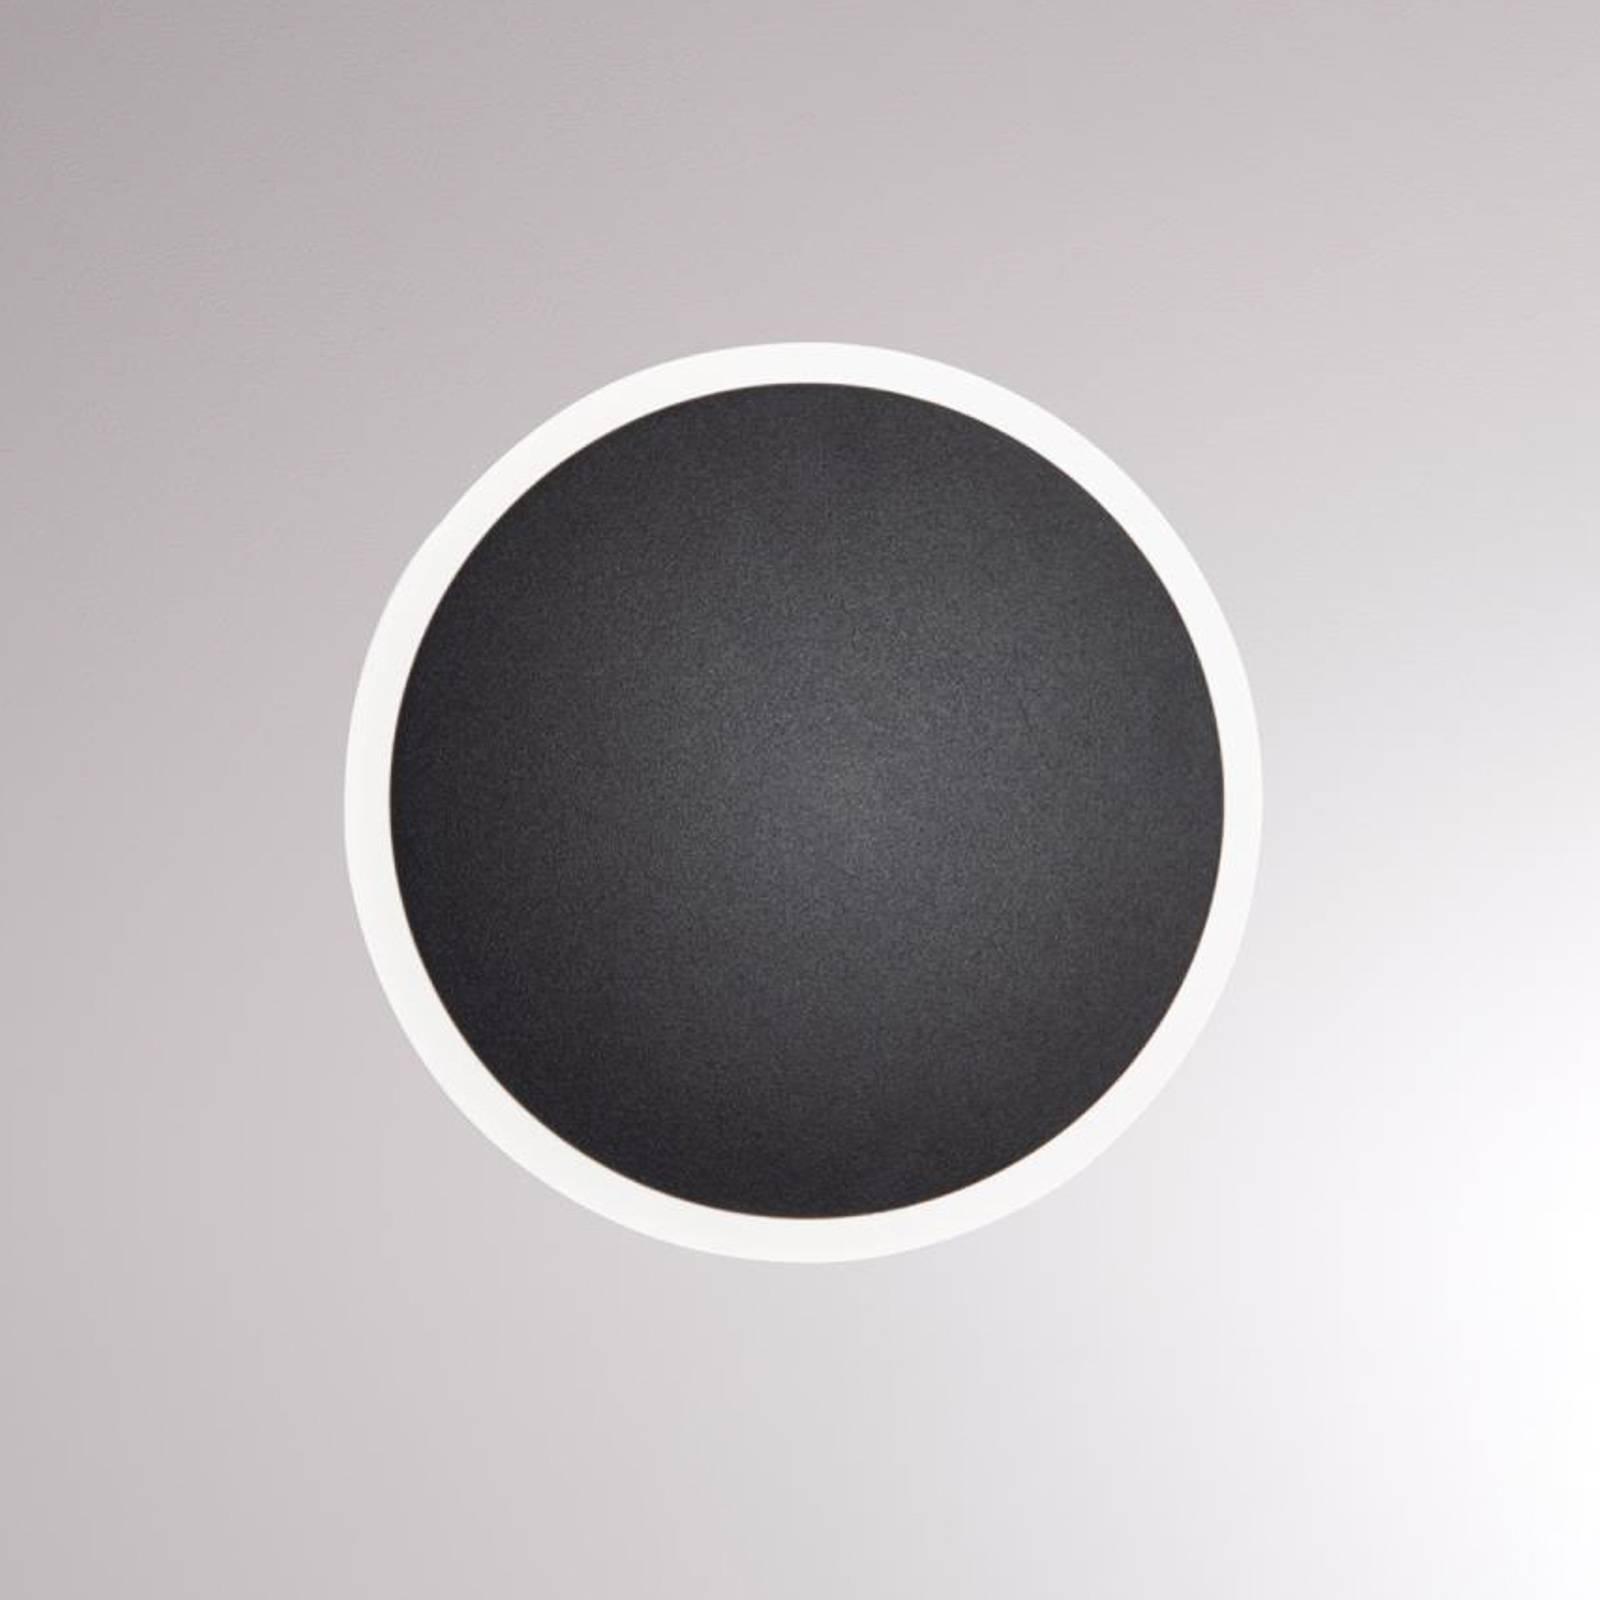 LOUM Pegato -LED-seinävalaisin, musta